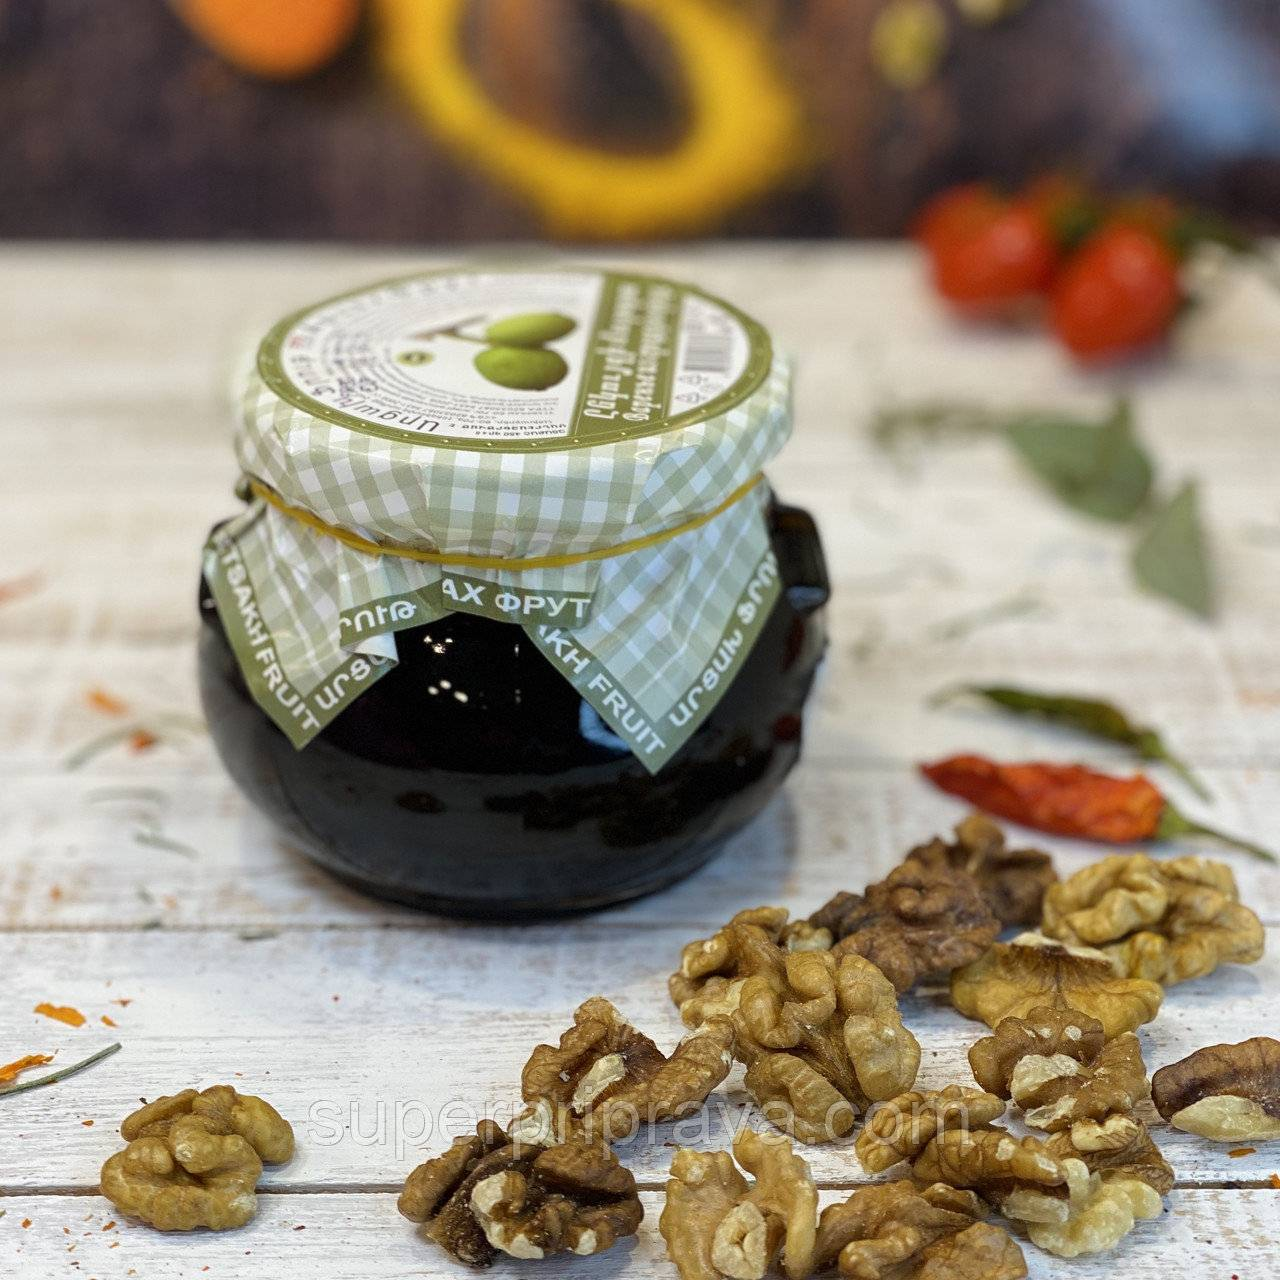 Все о пользе варенья из грецких орехов. что нужно знать о его составе и особенностях употребления - автор екатерина данилова - журнал женское мнение